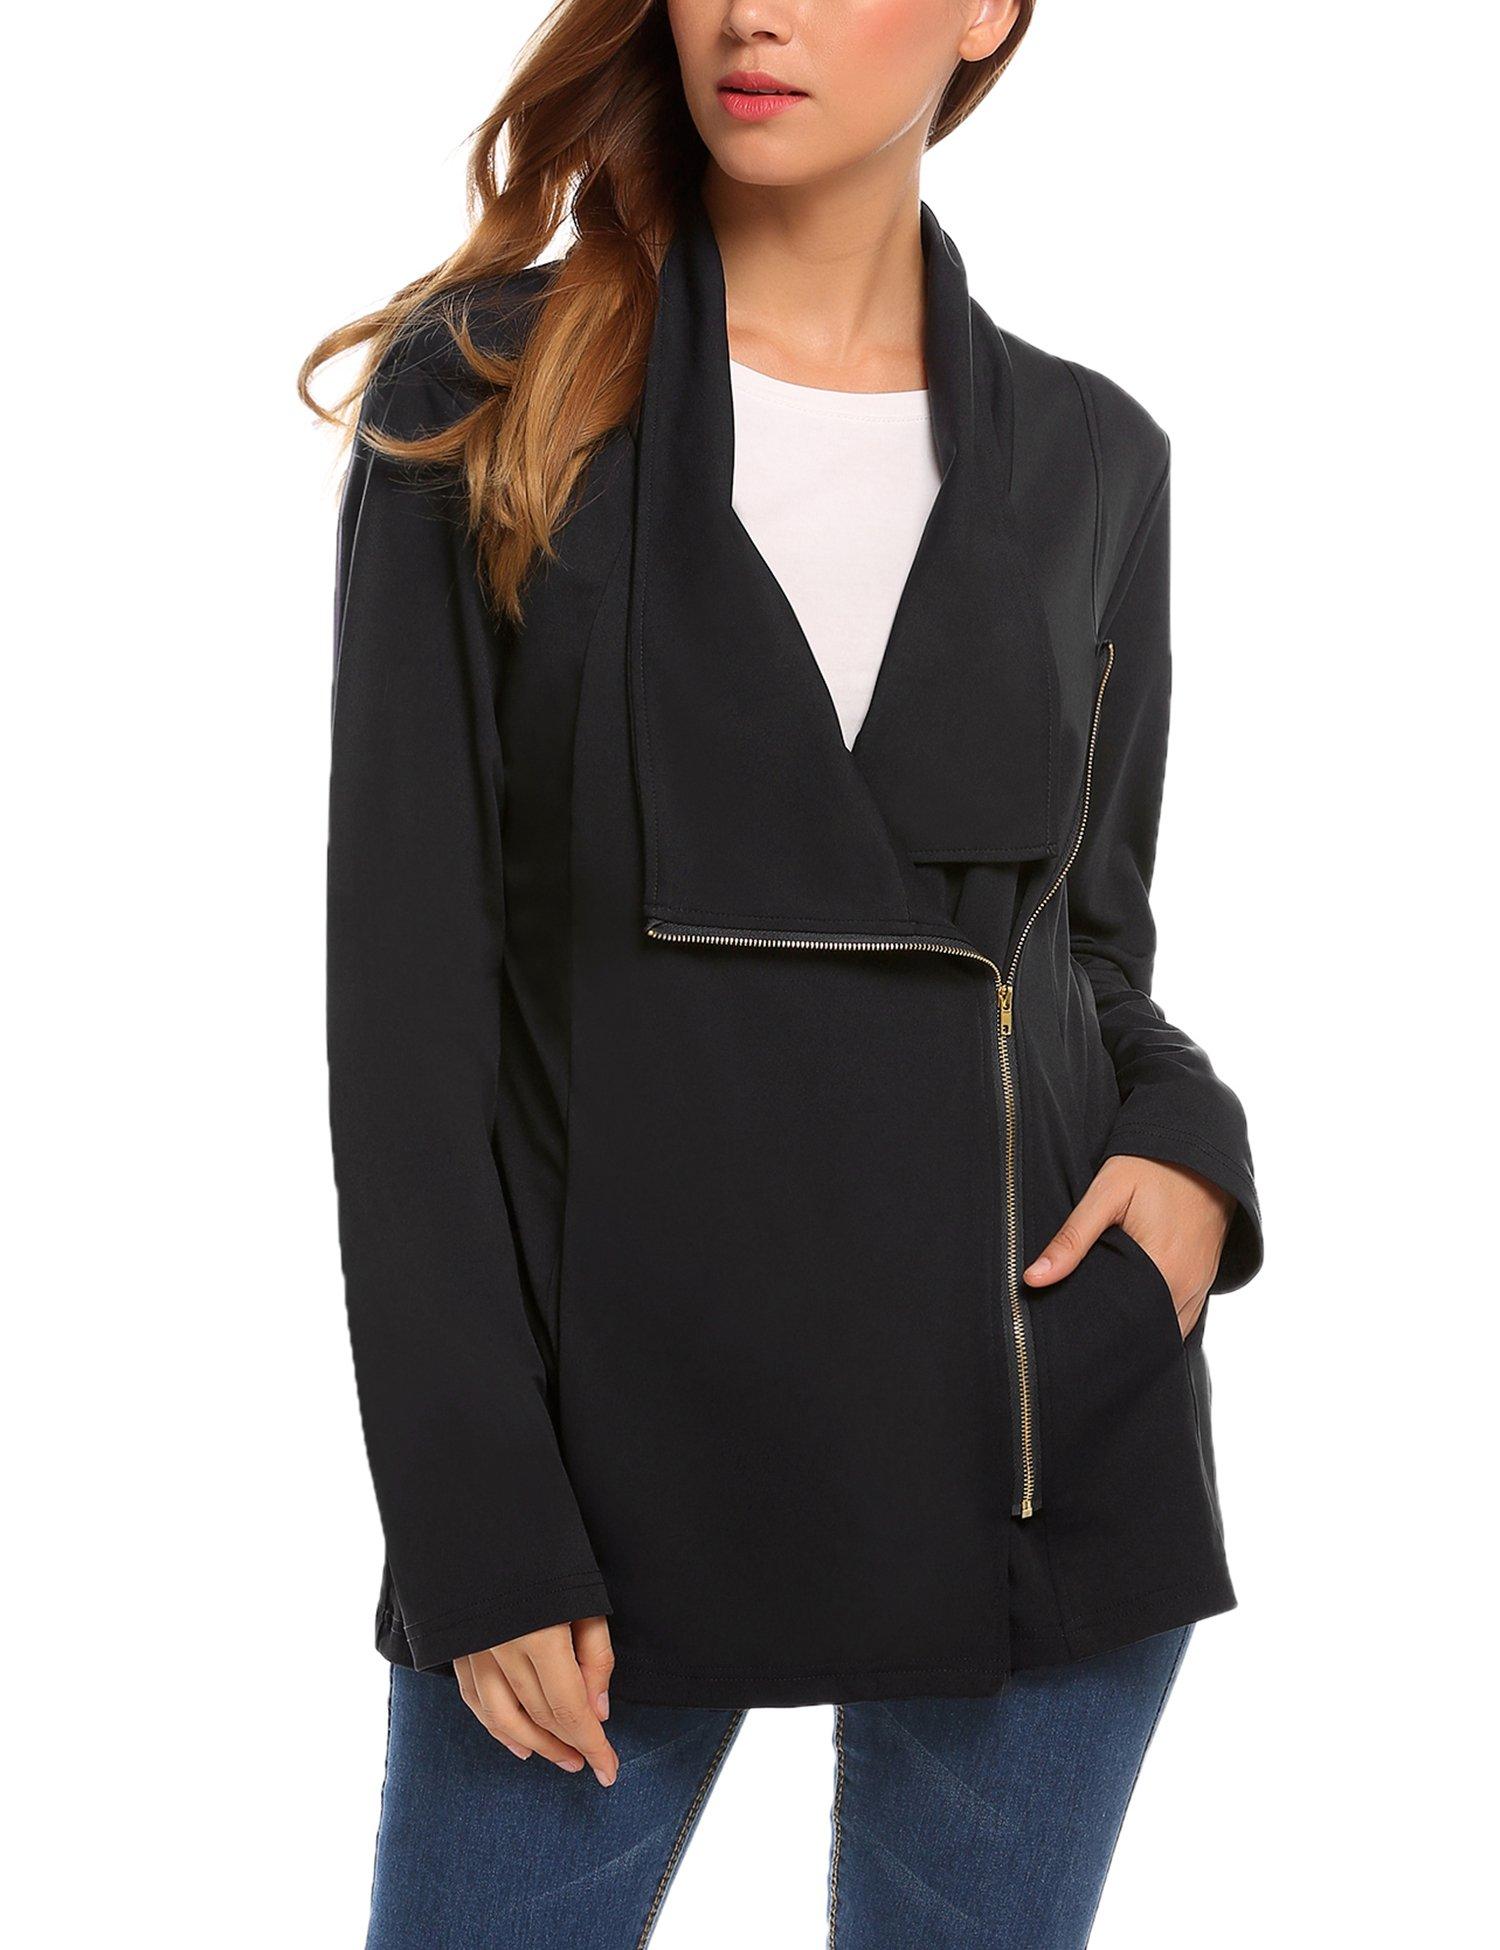 UNibelle Women's Zip up Blazer Jacket Business Suit Black Small